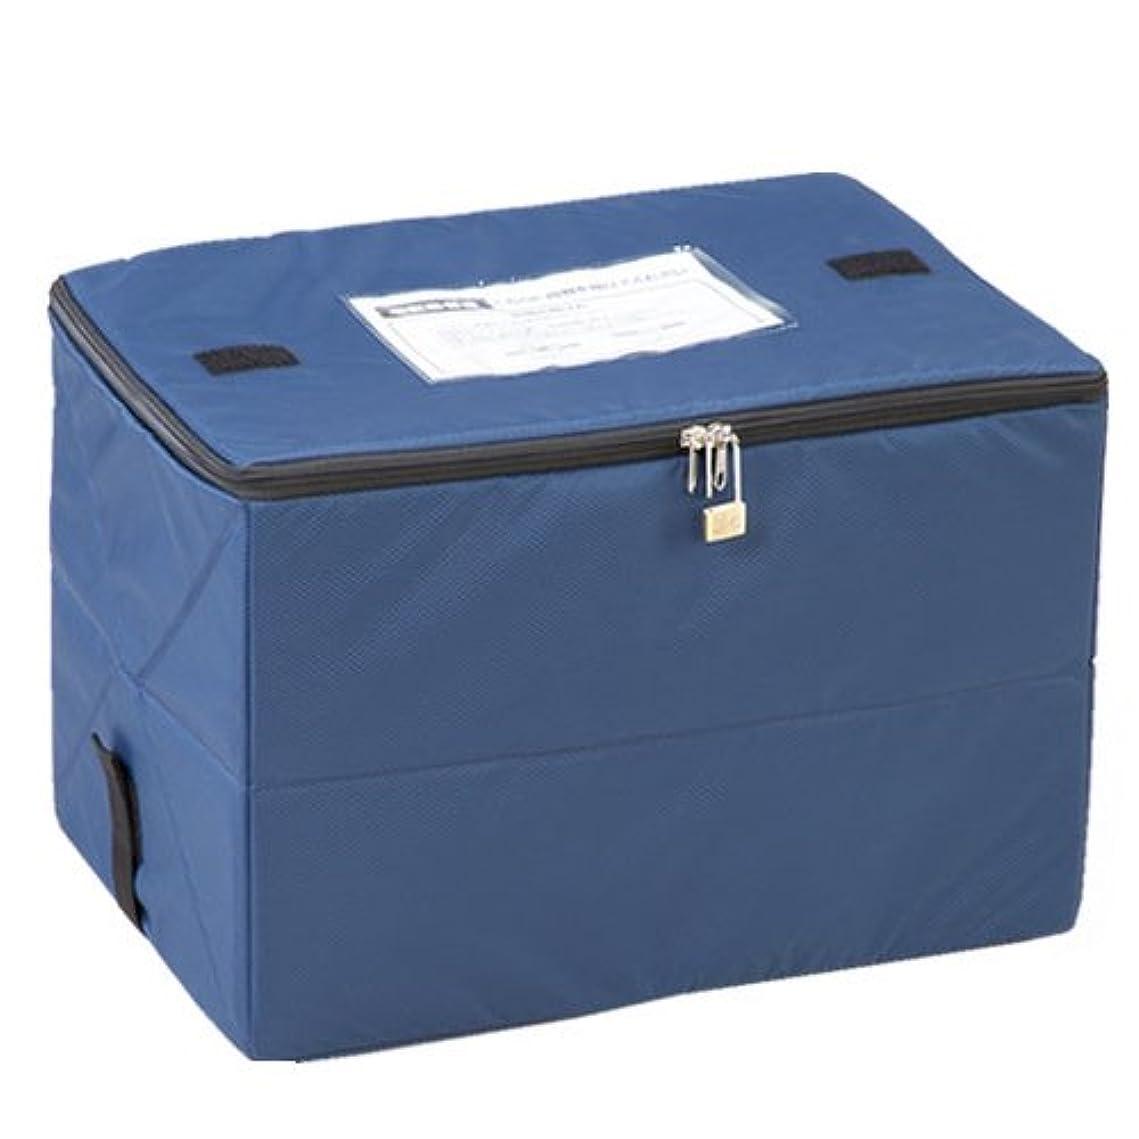 ジム靄オーブンサンワサプライ 簡易宅配ボックス マルチ 52×36.5×5 簡易固定タイプ 0